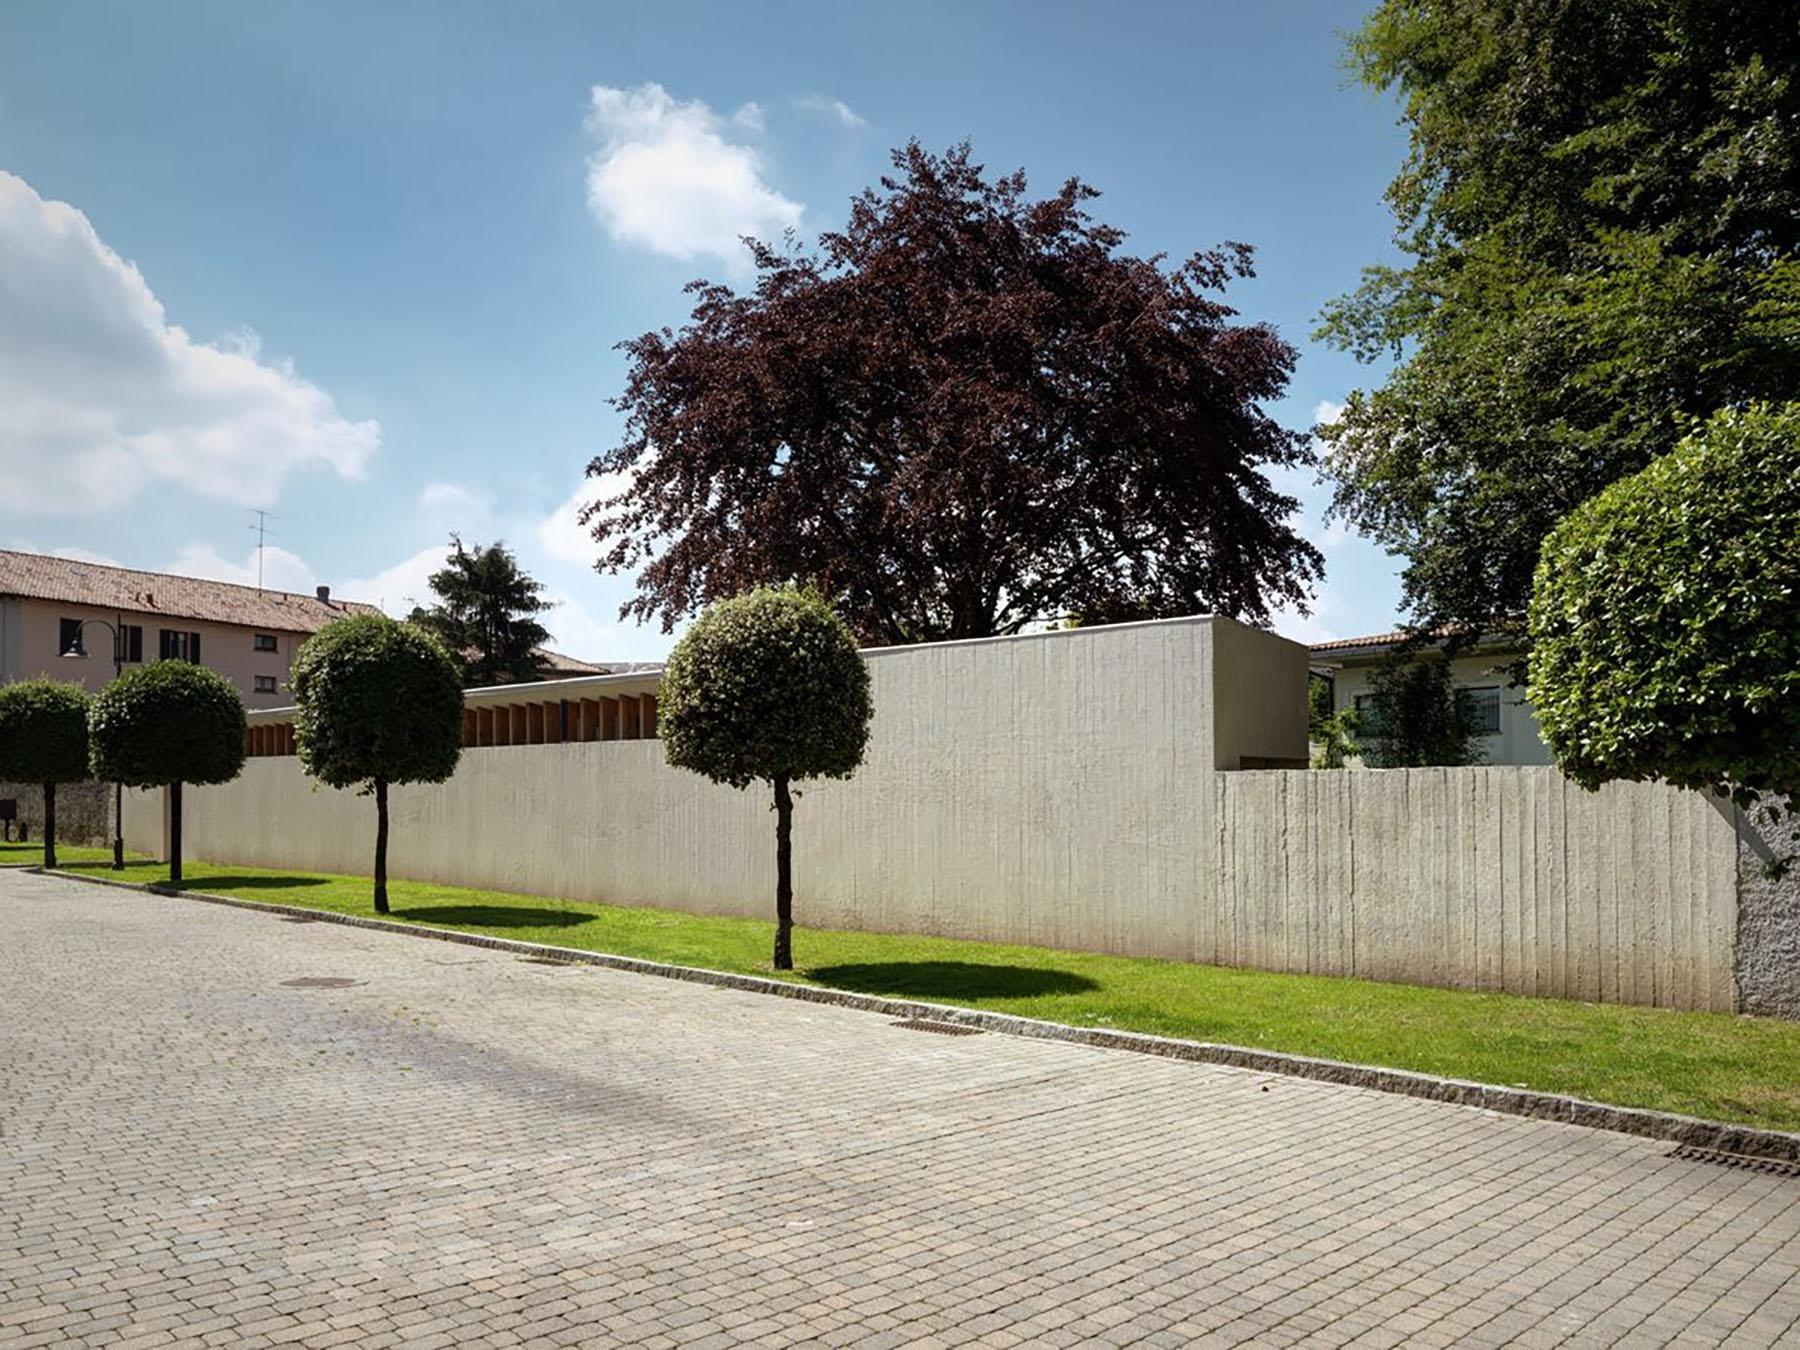 iGNANT-Architecture-Marco-Ortalli-Casa-Crb-002